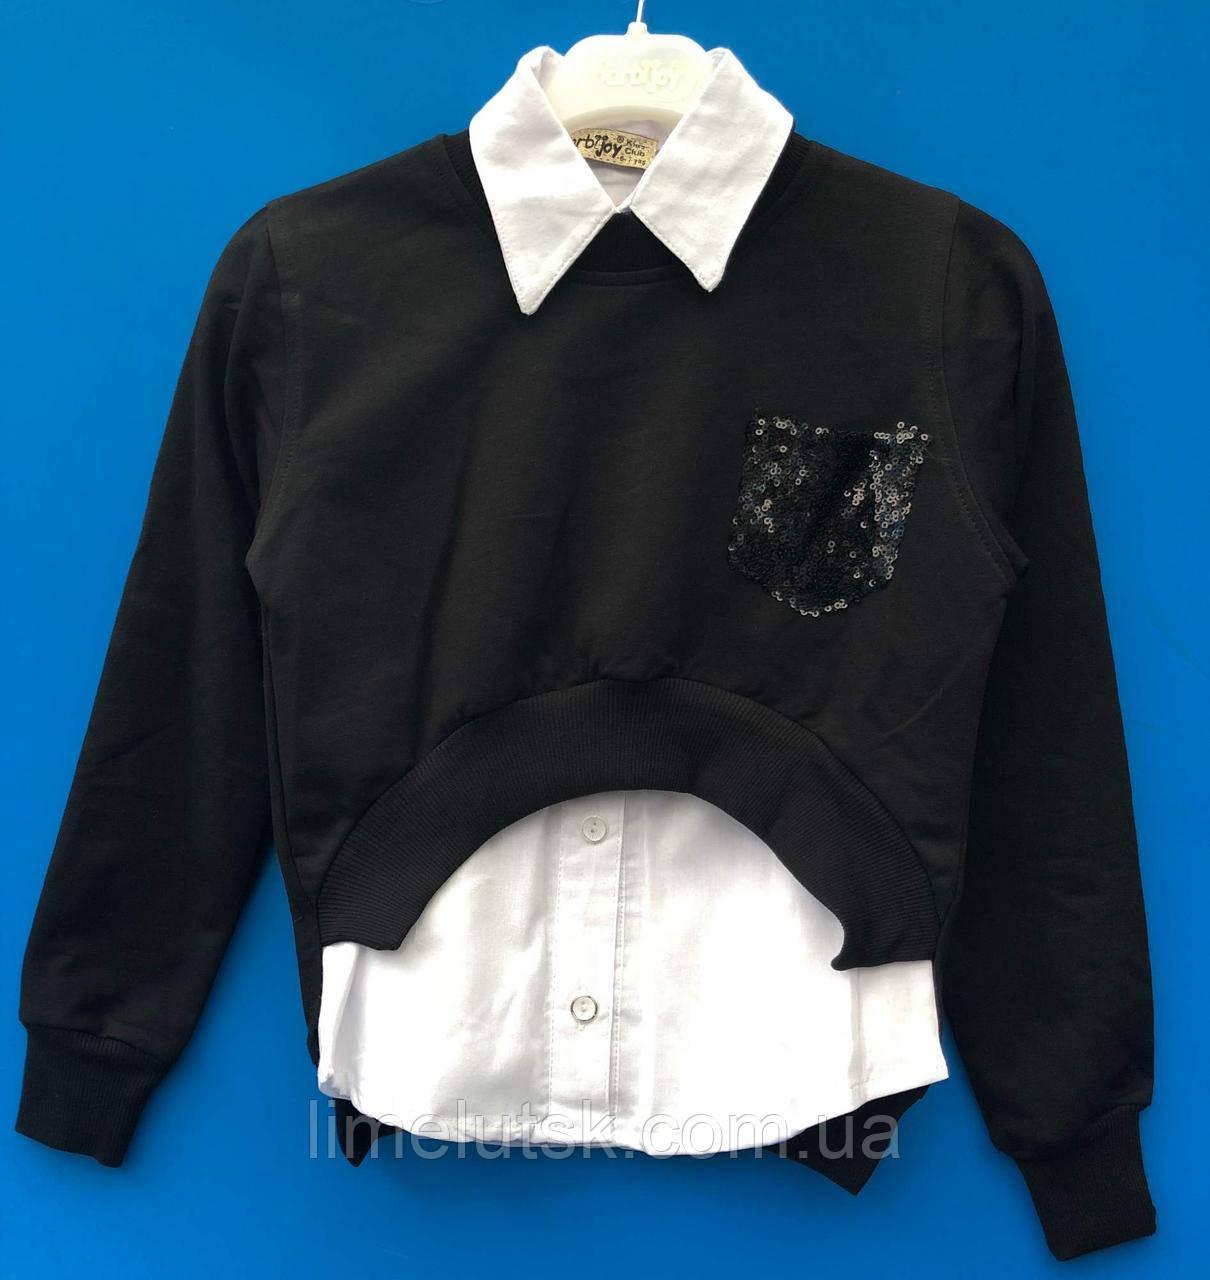 591d5df308a Модный комплект с белой рубашой для девочки 11-14 лет  продажа